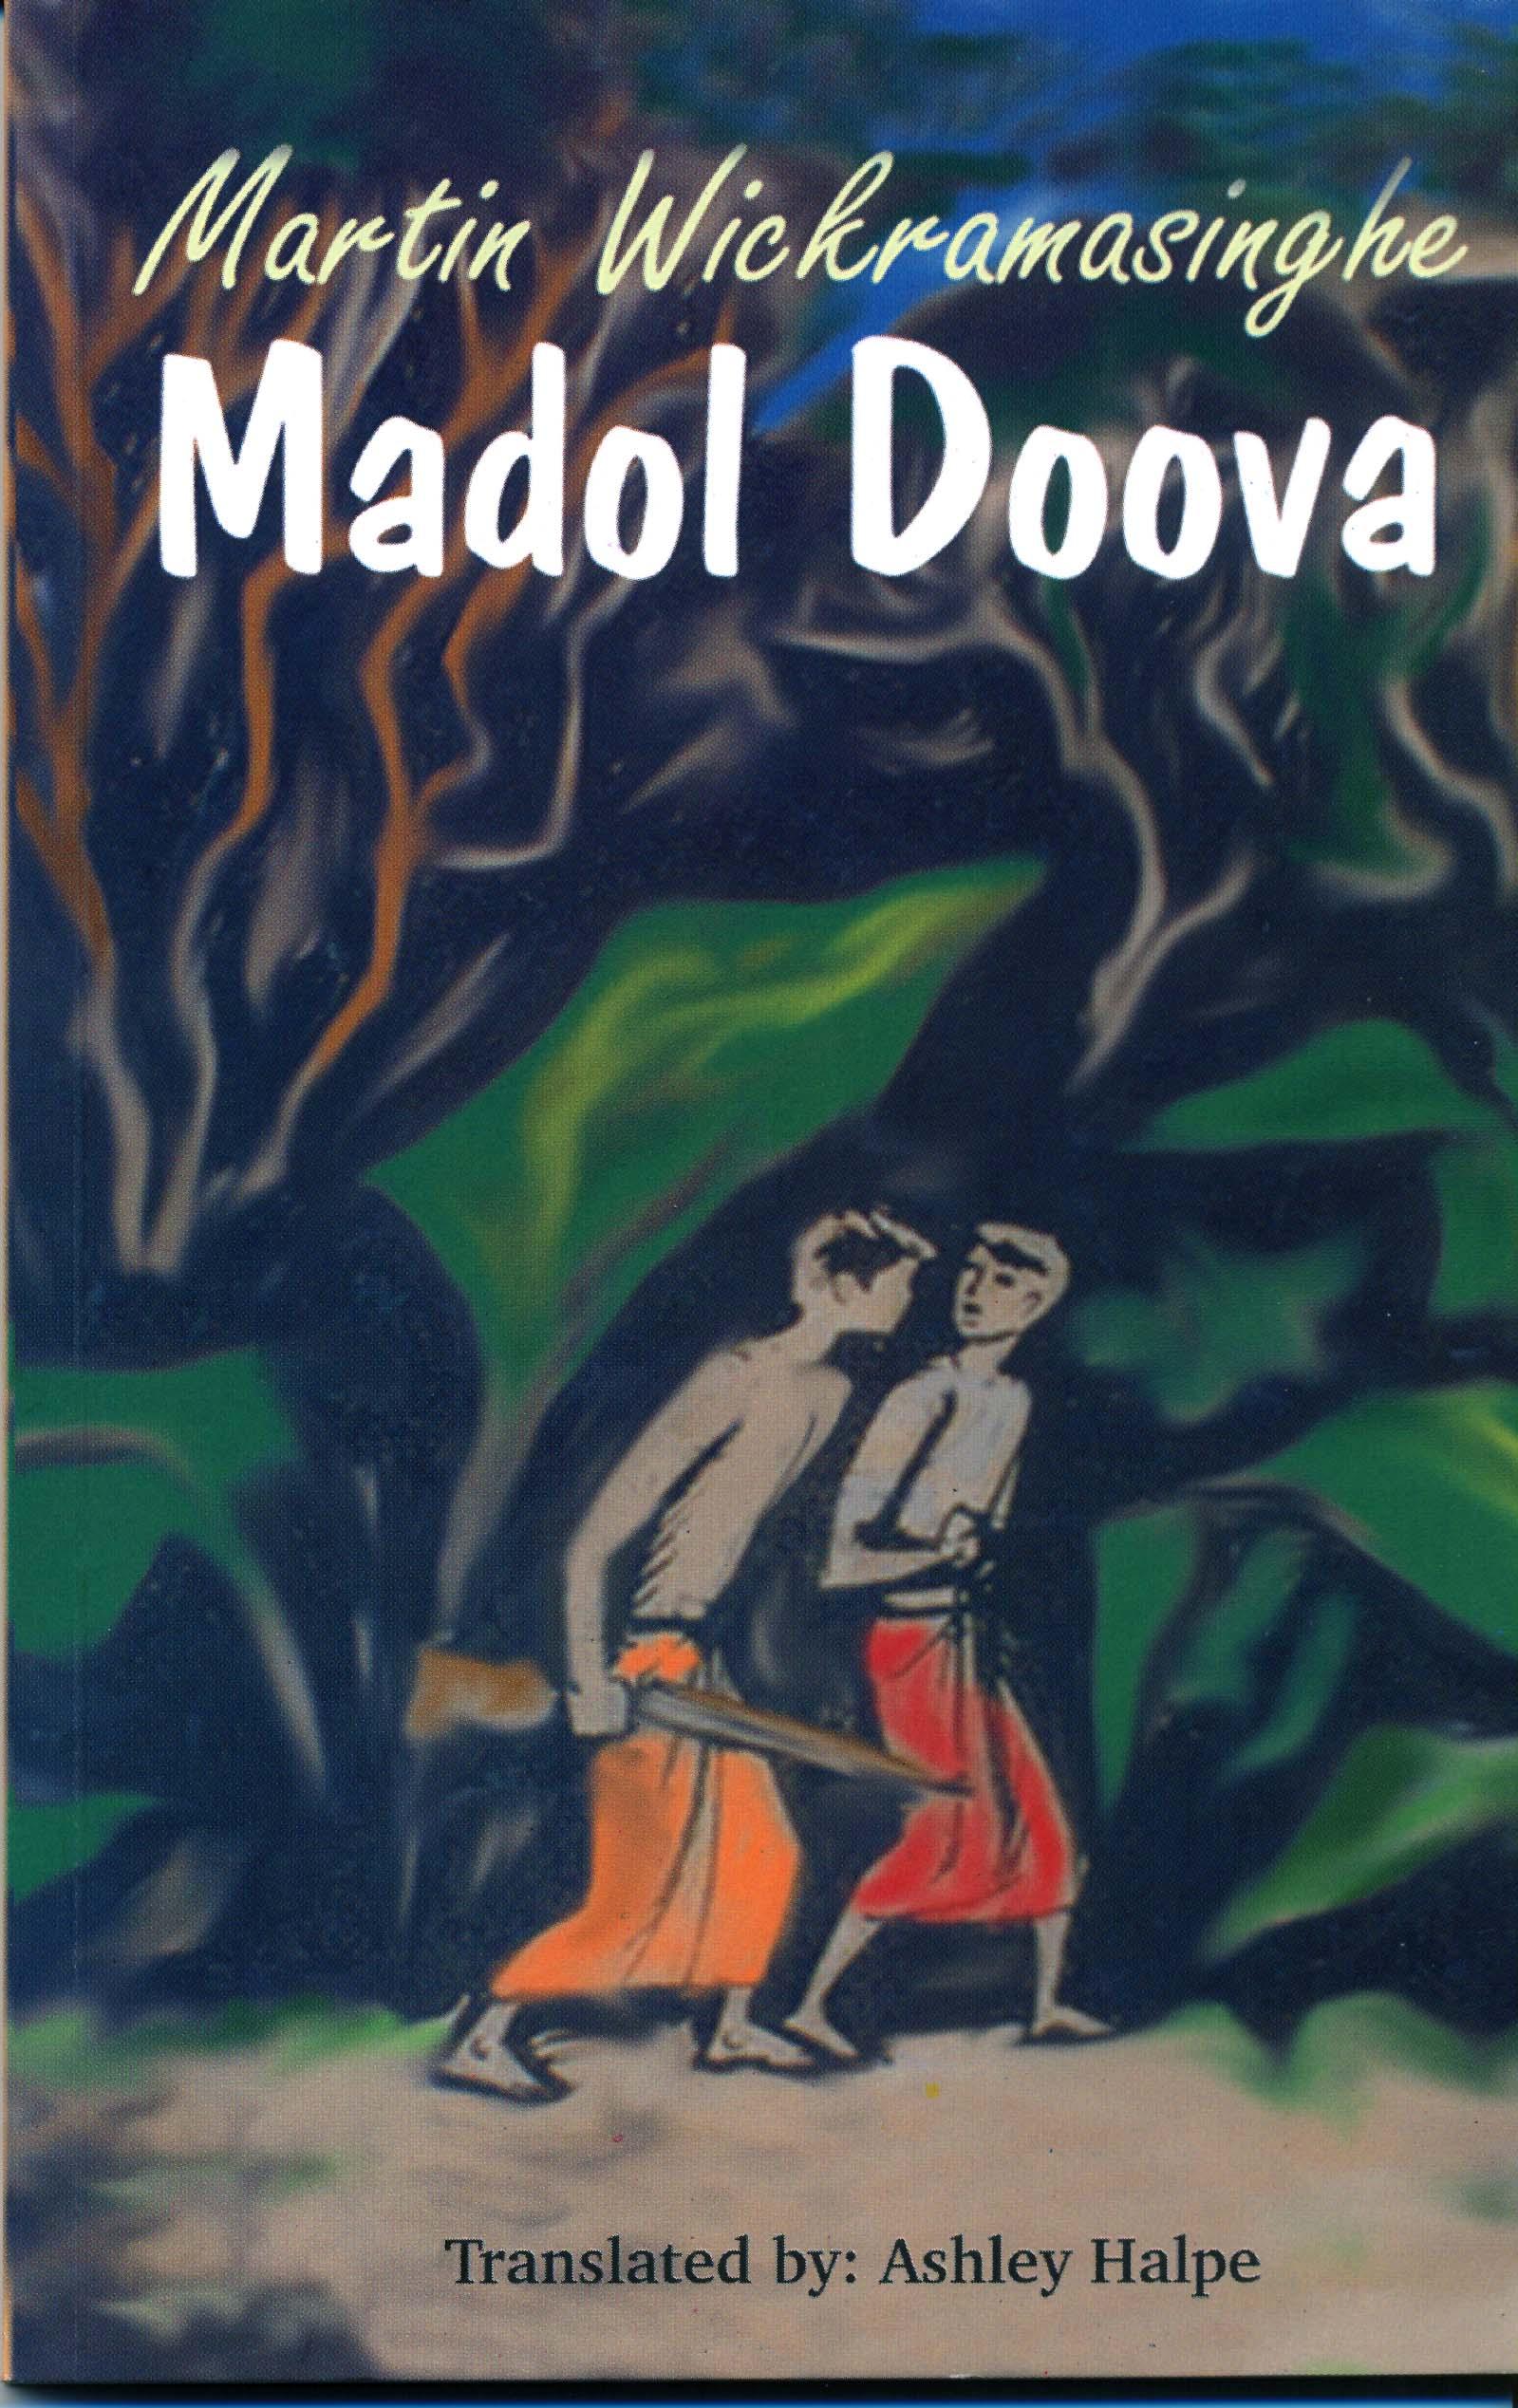 Madol Doova Image